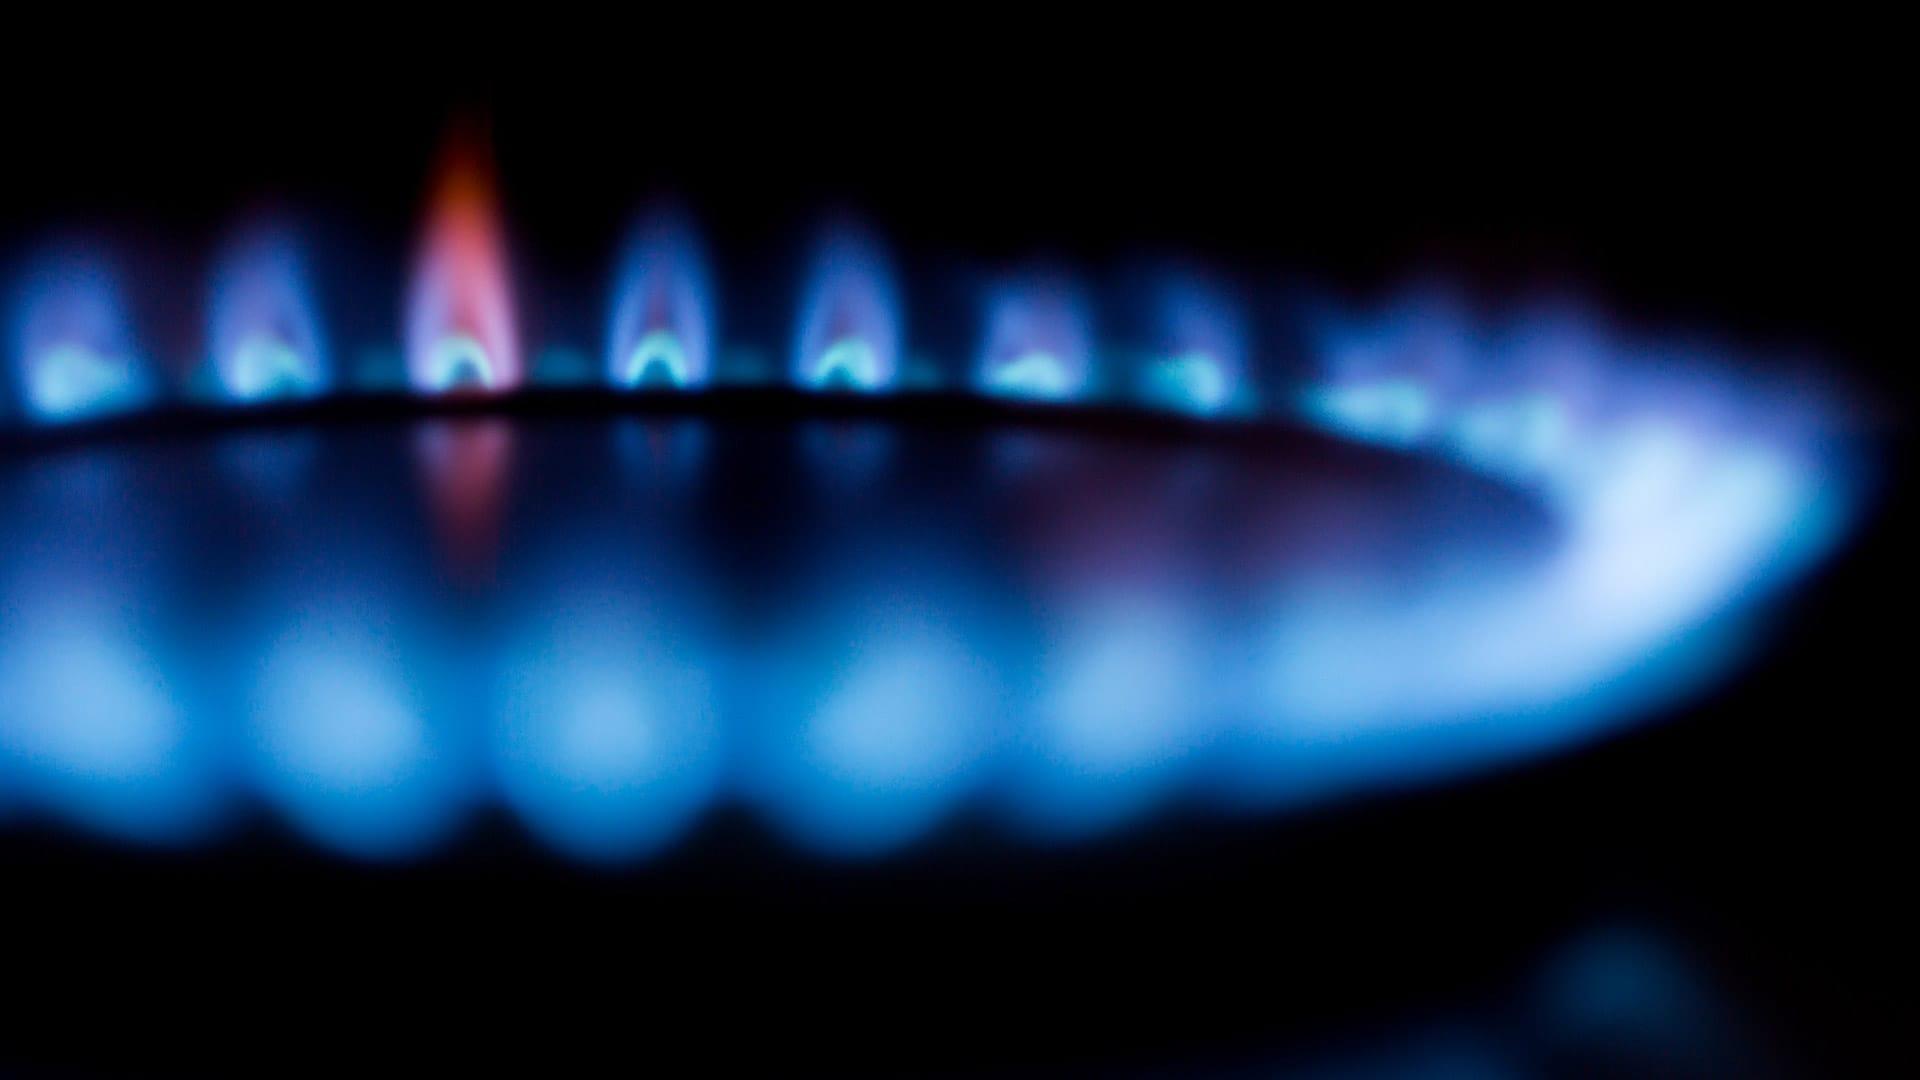 Razpis: Dobava zemeljskega plina za člane zveze Srednjih šol in dijaških domov Slovenije